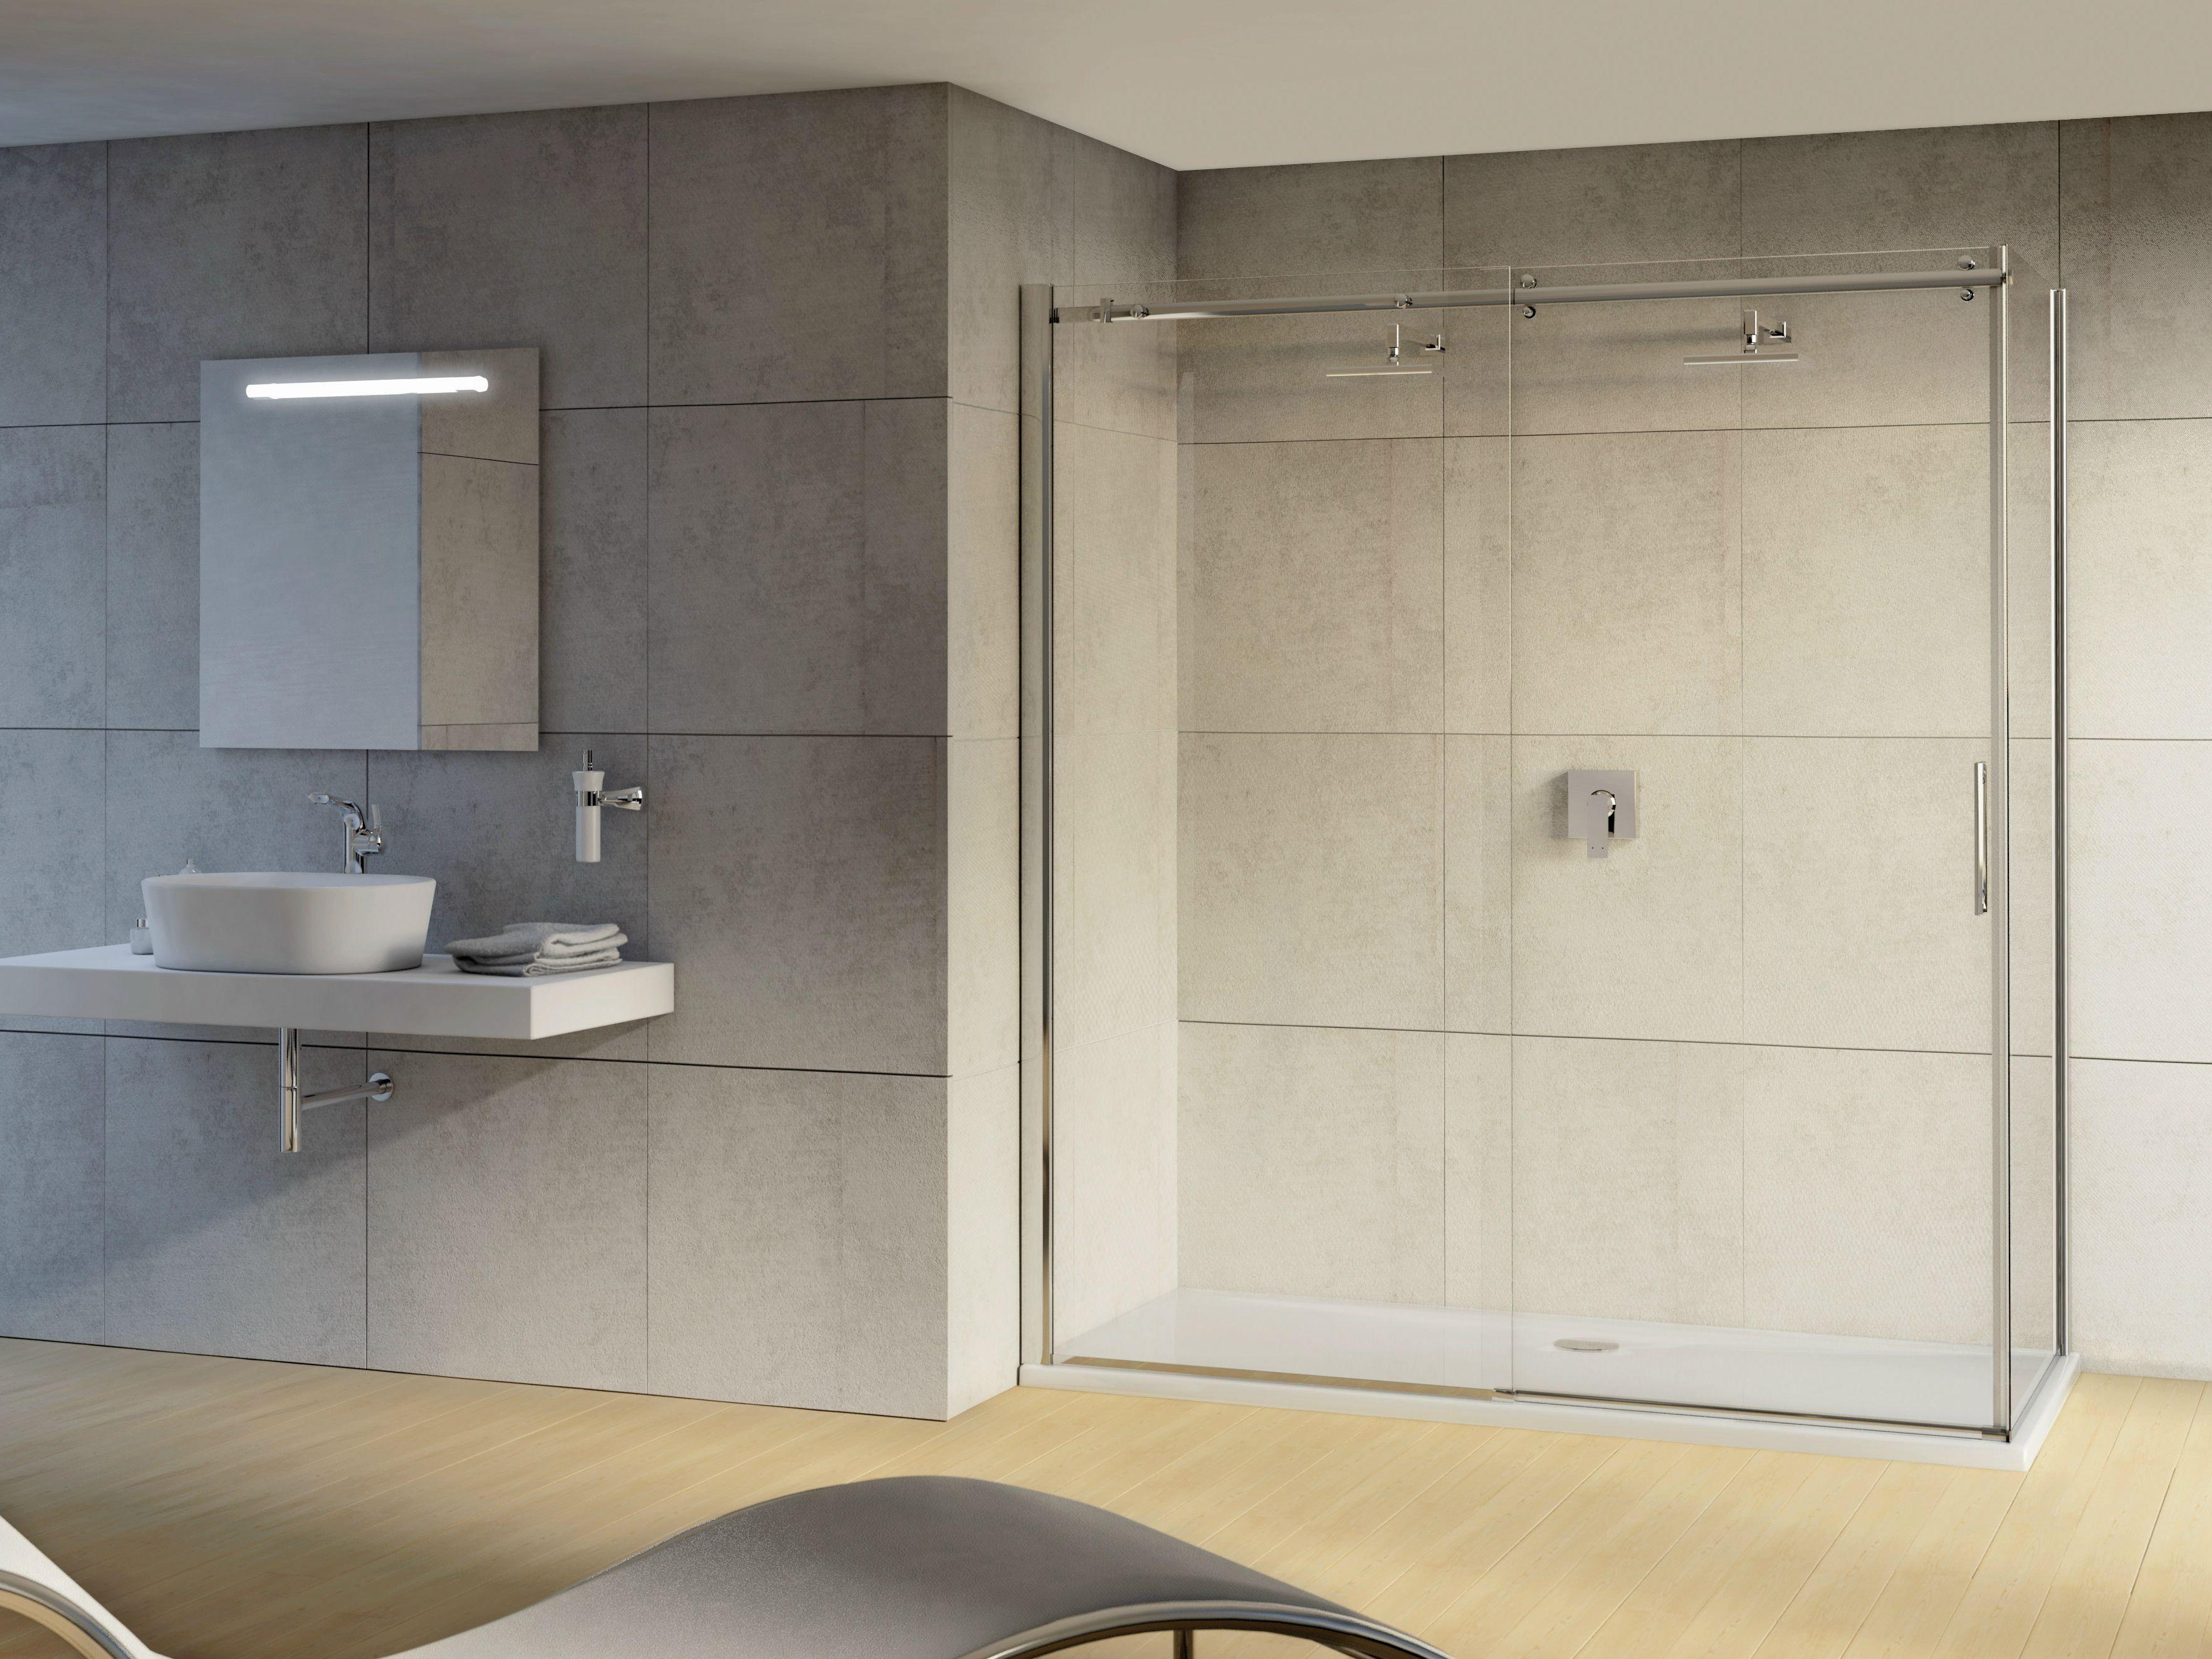 Da creativo sala rustica pranzo - Prezzi vasche da bagno ideal standard ...